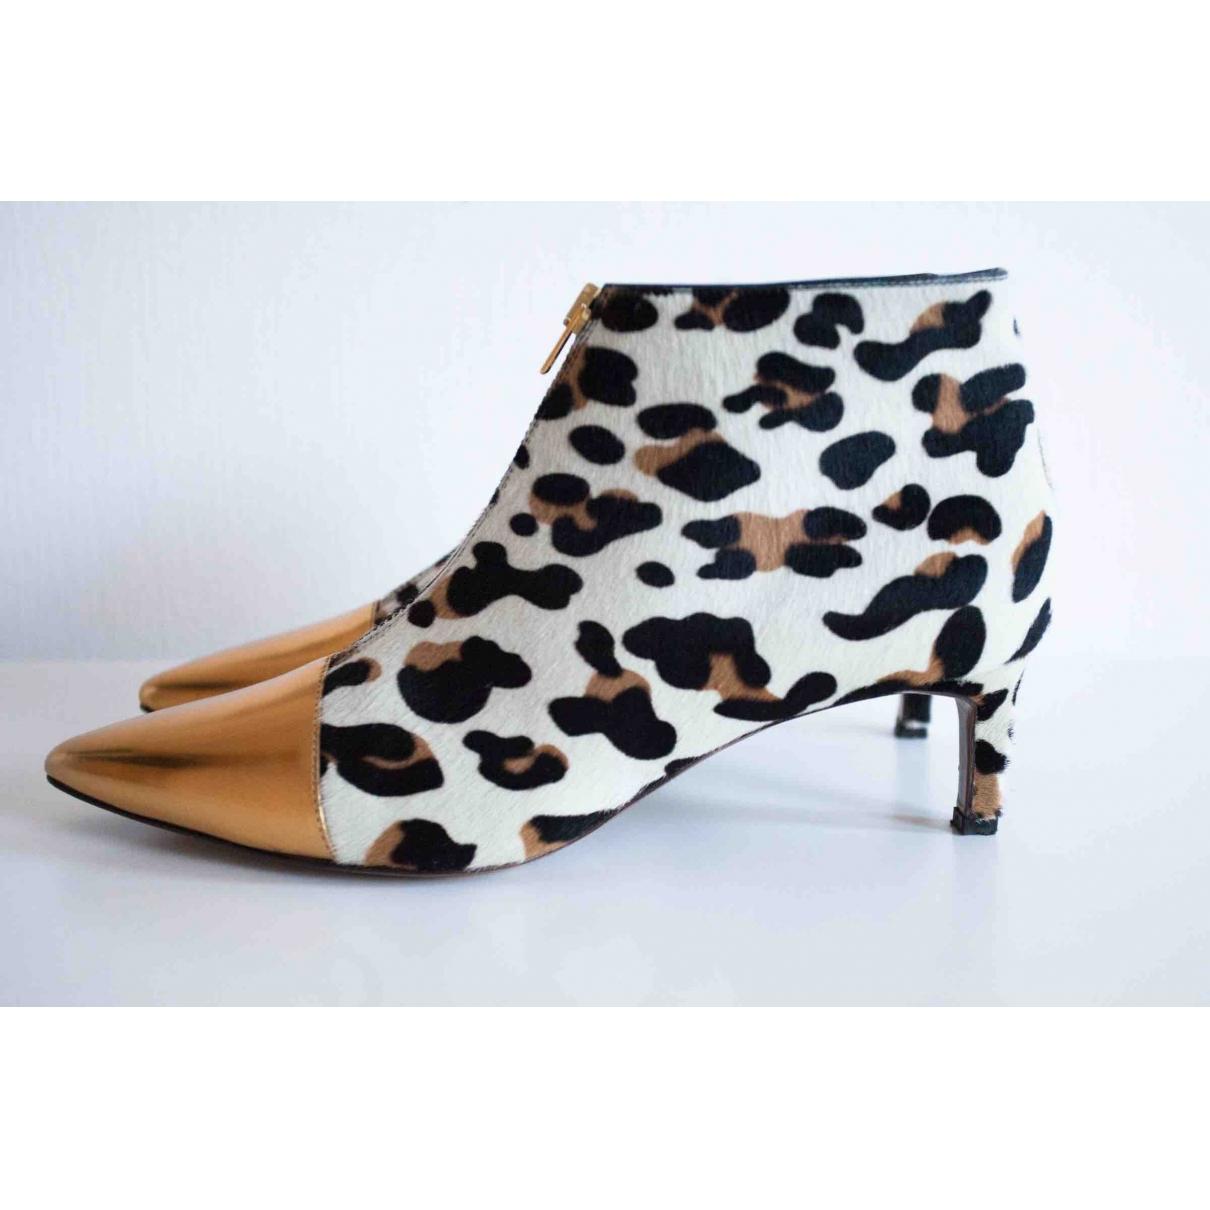 Marni - Boots   pour femme en veau facon poulain - multicolore